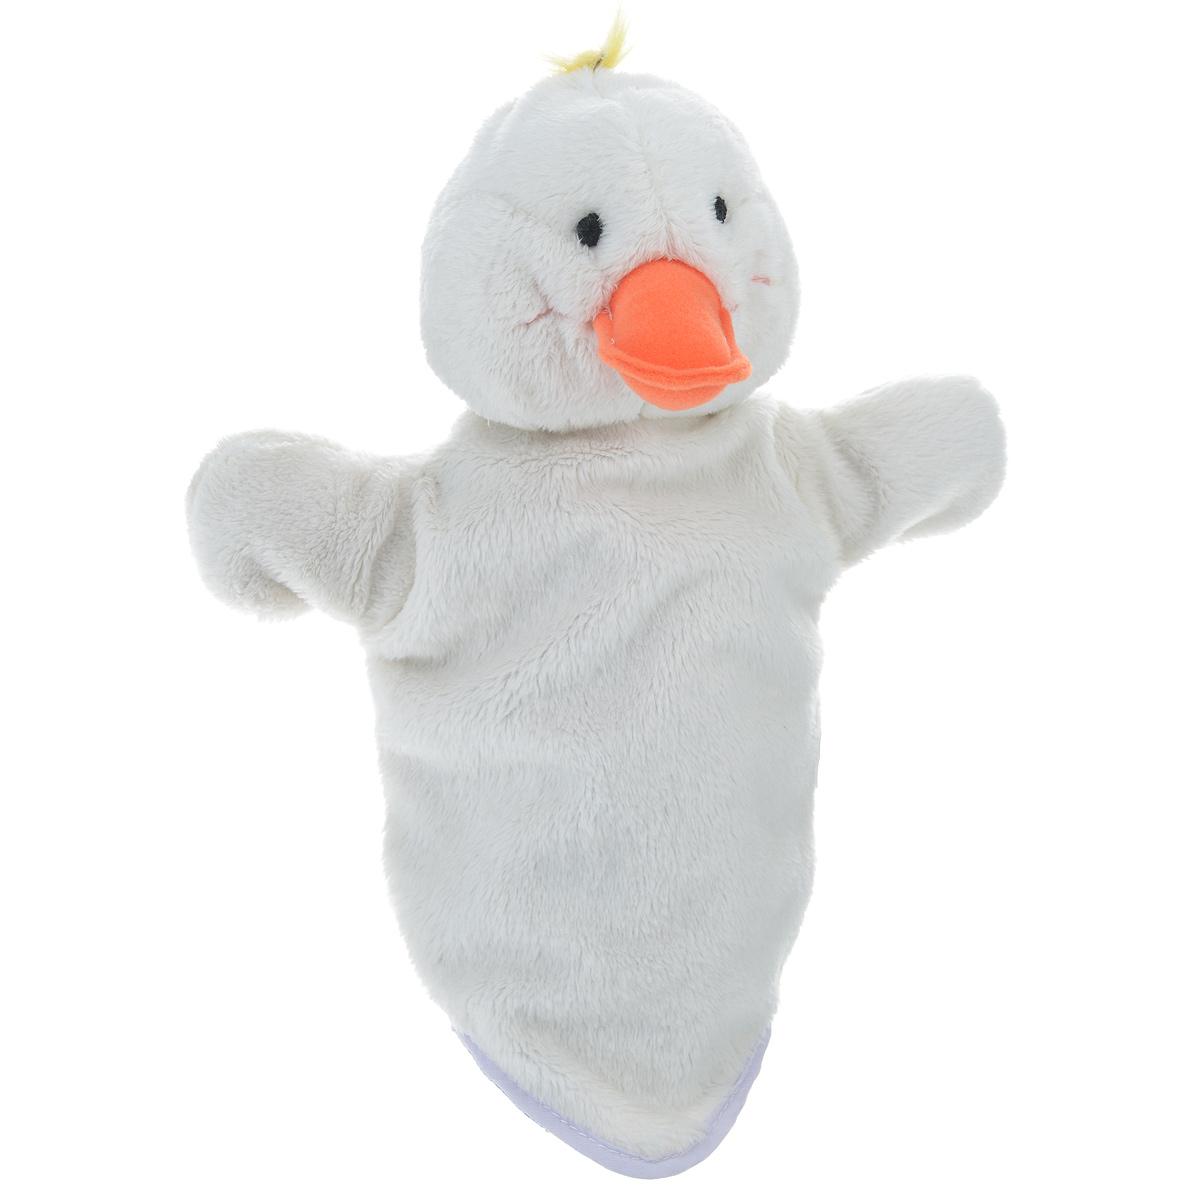 Мягкая игрушка на руку Утенок, 29 см16019Мягкая игрушка на руку Утенок непременно привлечет внимание малыша. Она легко надевается как на детскую руку, так и на взрослую. Игрушка удивительно мягкая и приятная на ощупь. Компания Bauer создала оригинальную серию персонажей, позволяющих собрать свой собственный кукольный театр. Ребенок сам сможет придумывать сценки, надевать кукол на руки, и ставить домашние кукольные спектакли. Таким образом, развивается фантазия ребенка, память, воображение, чувство юмора, умение анализировать ситуации - вымышленные или реальные, инсценированные.